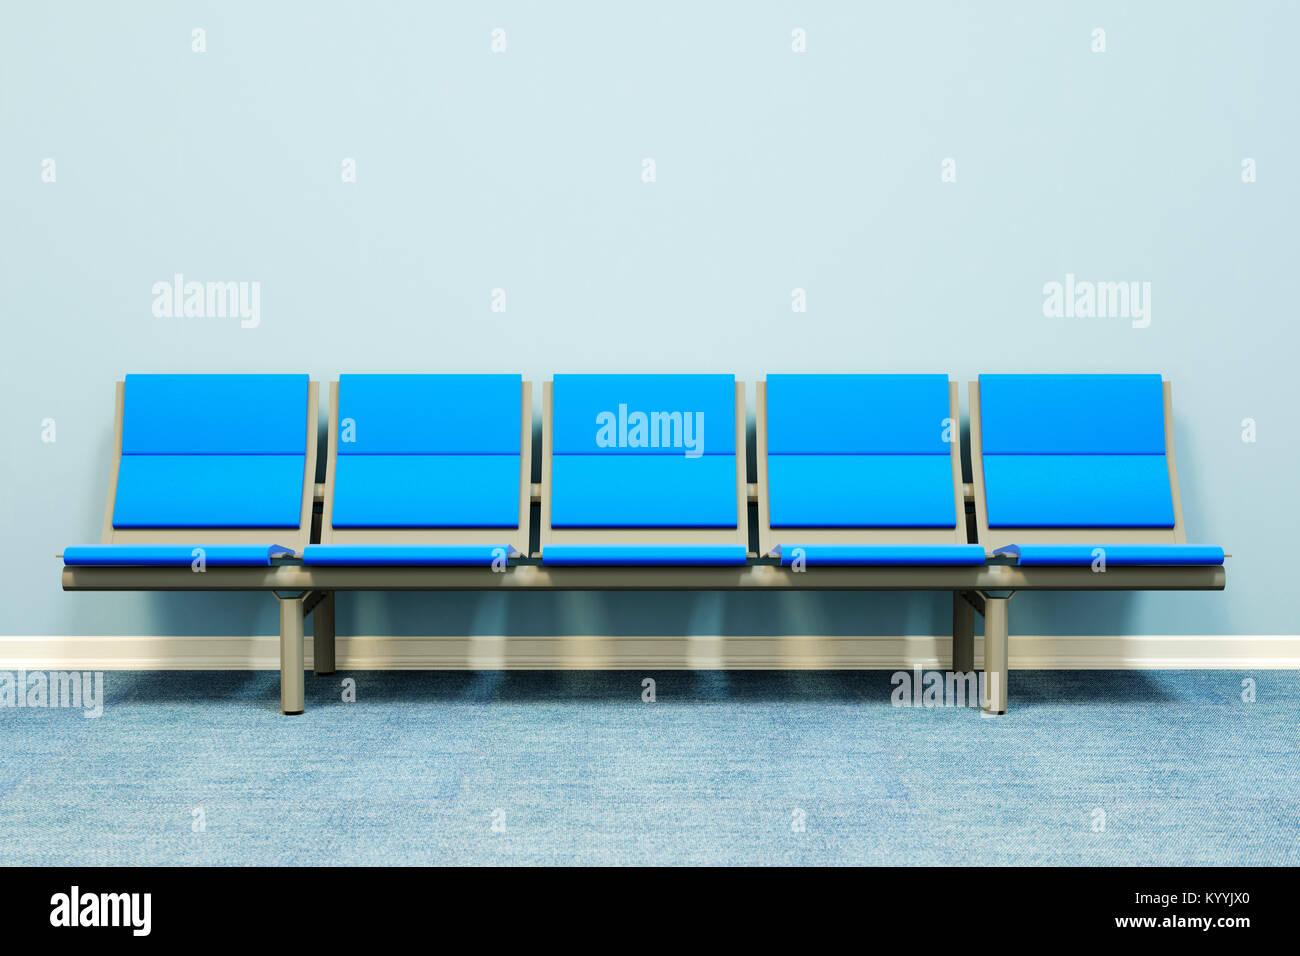 Cinco asientos en una fila contra una pared en una habitación vacía - sala de espera, hospitales, médicos, Imagen De Stock